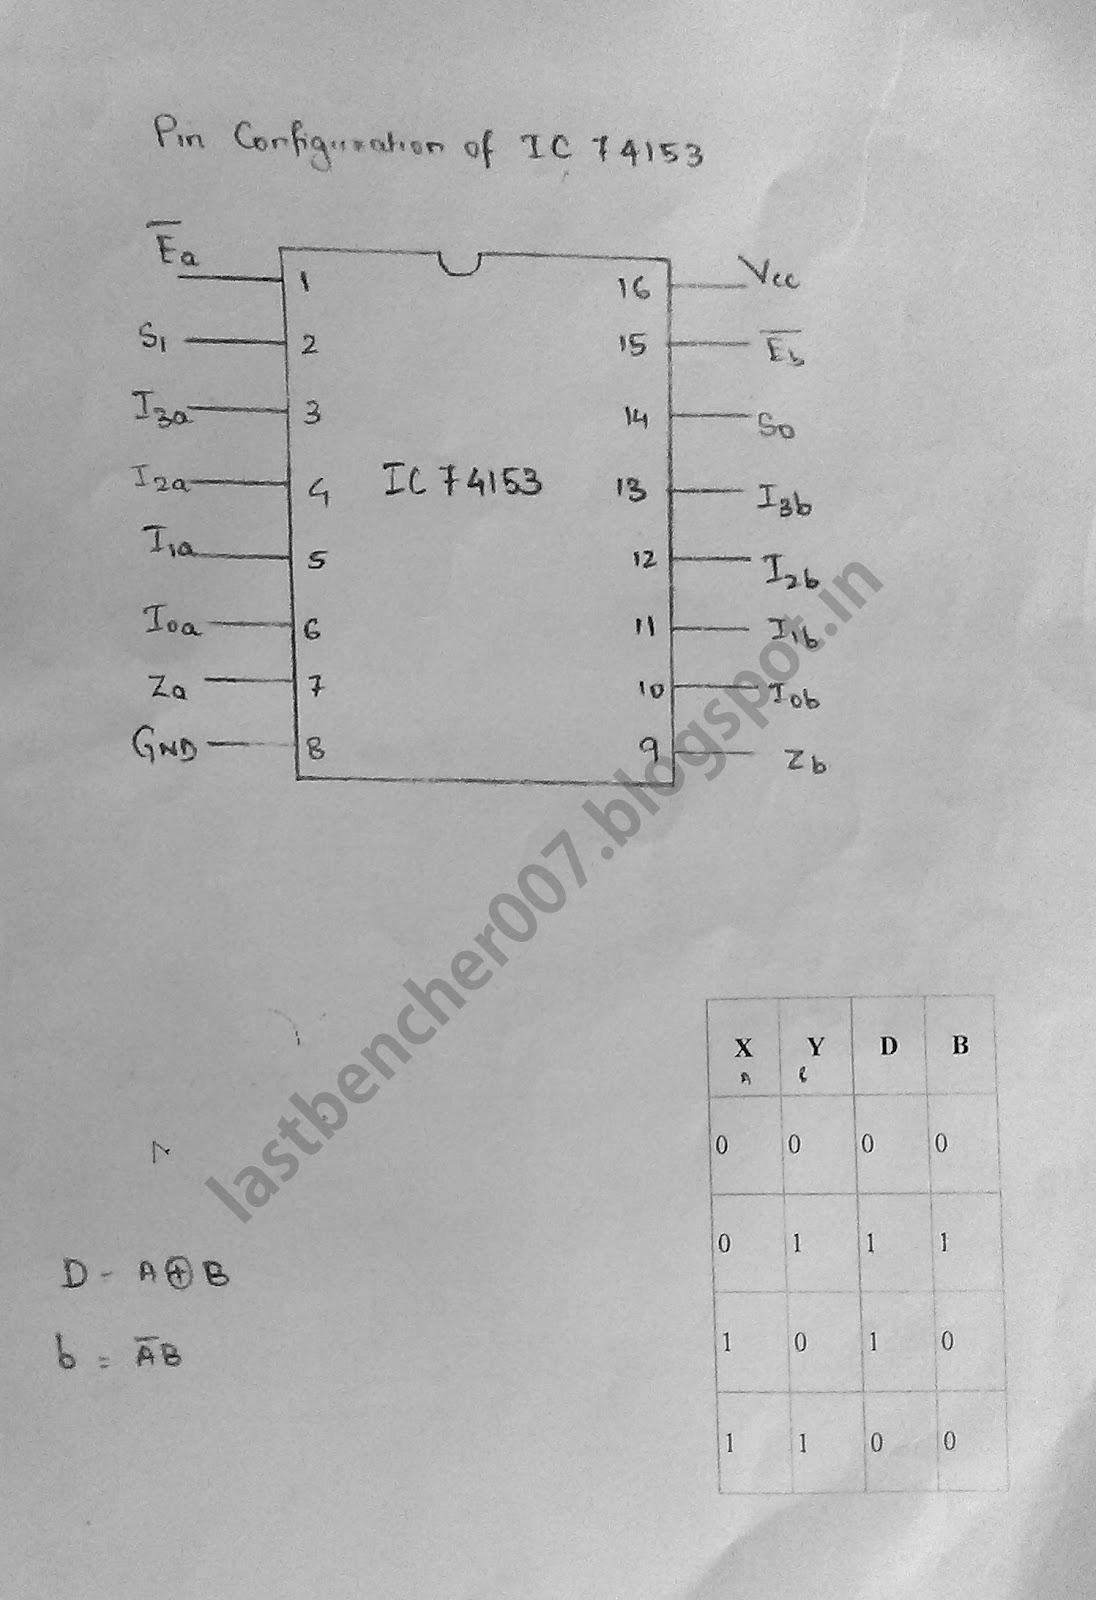 トップ 4 1 Mux Using Ic 74153 - ジャジャトメガ